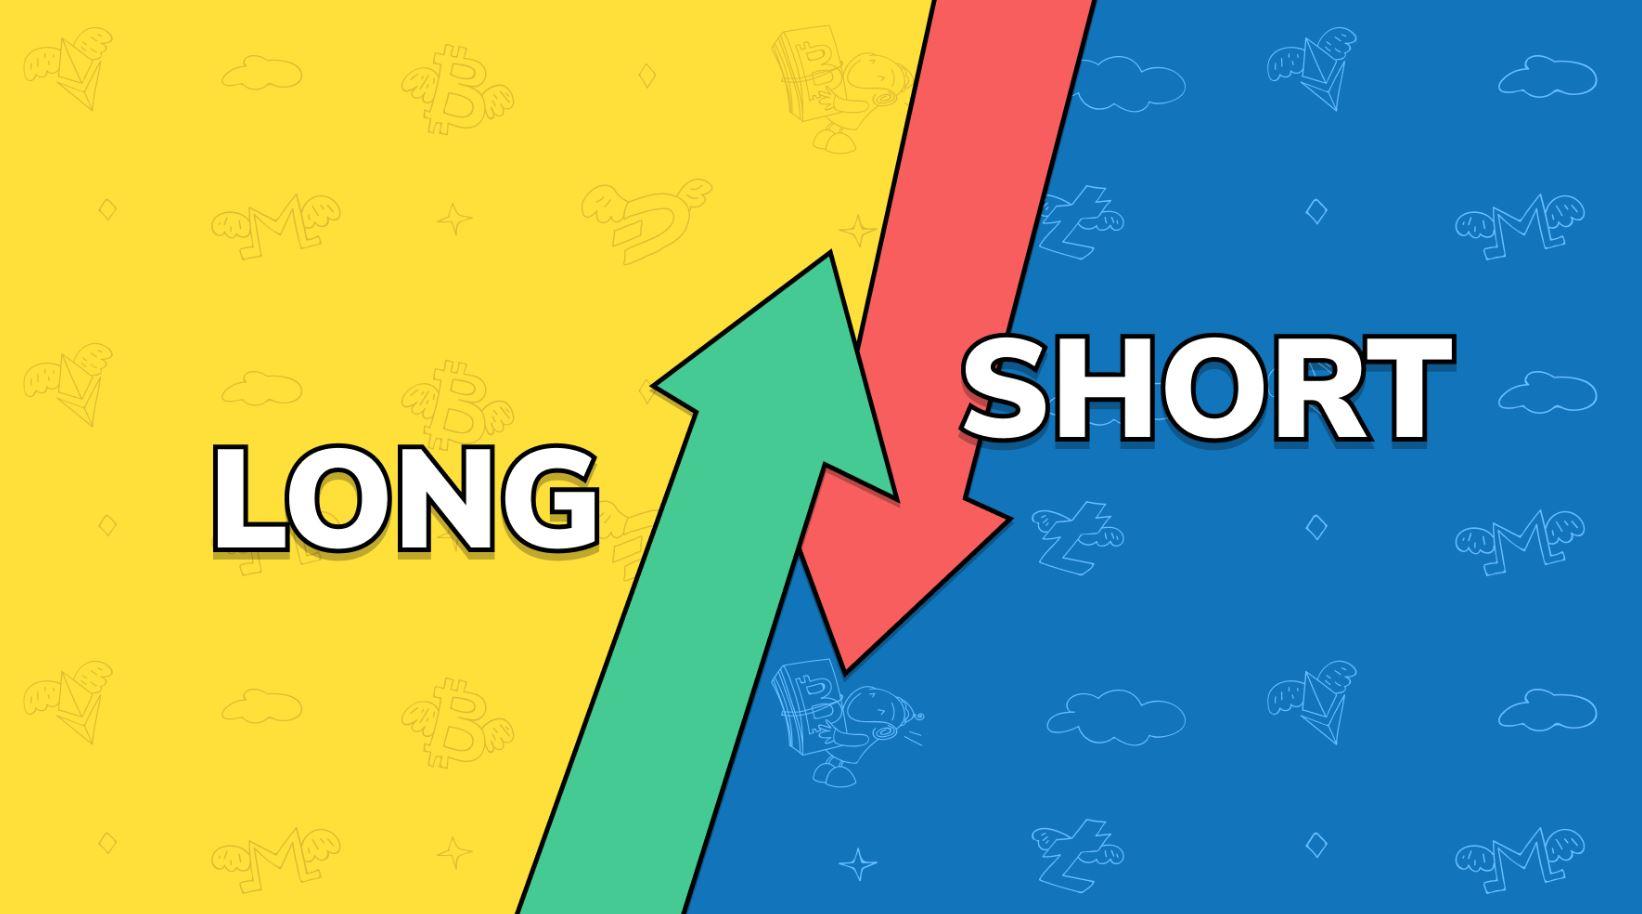 Long Short la gi